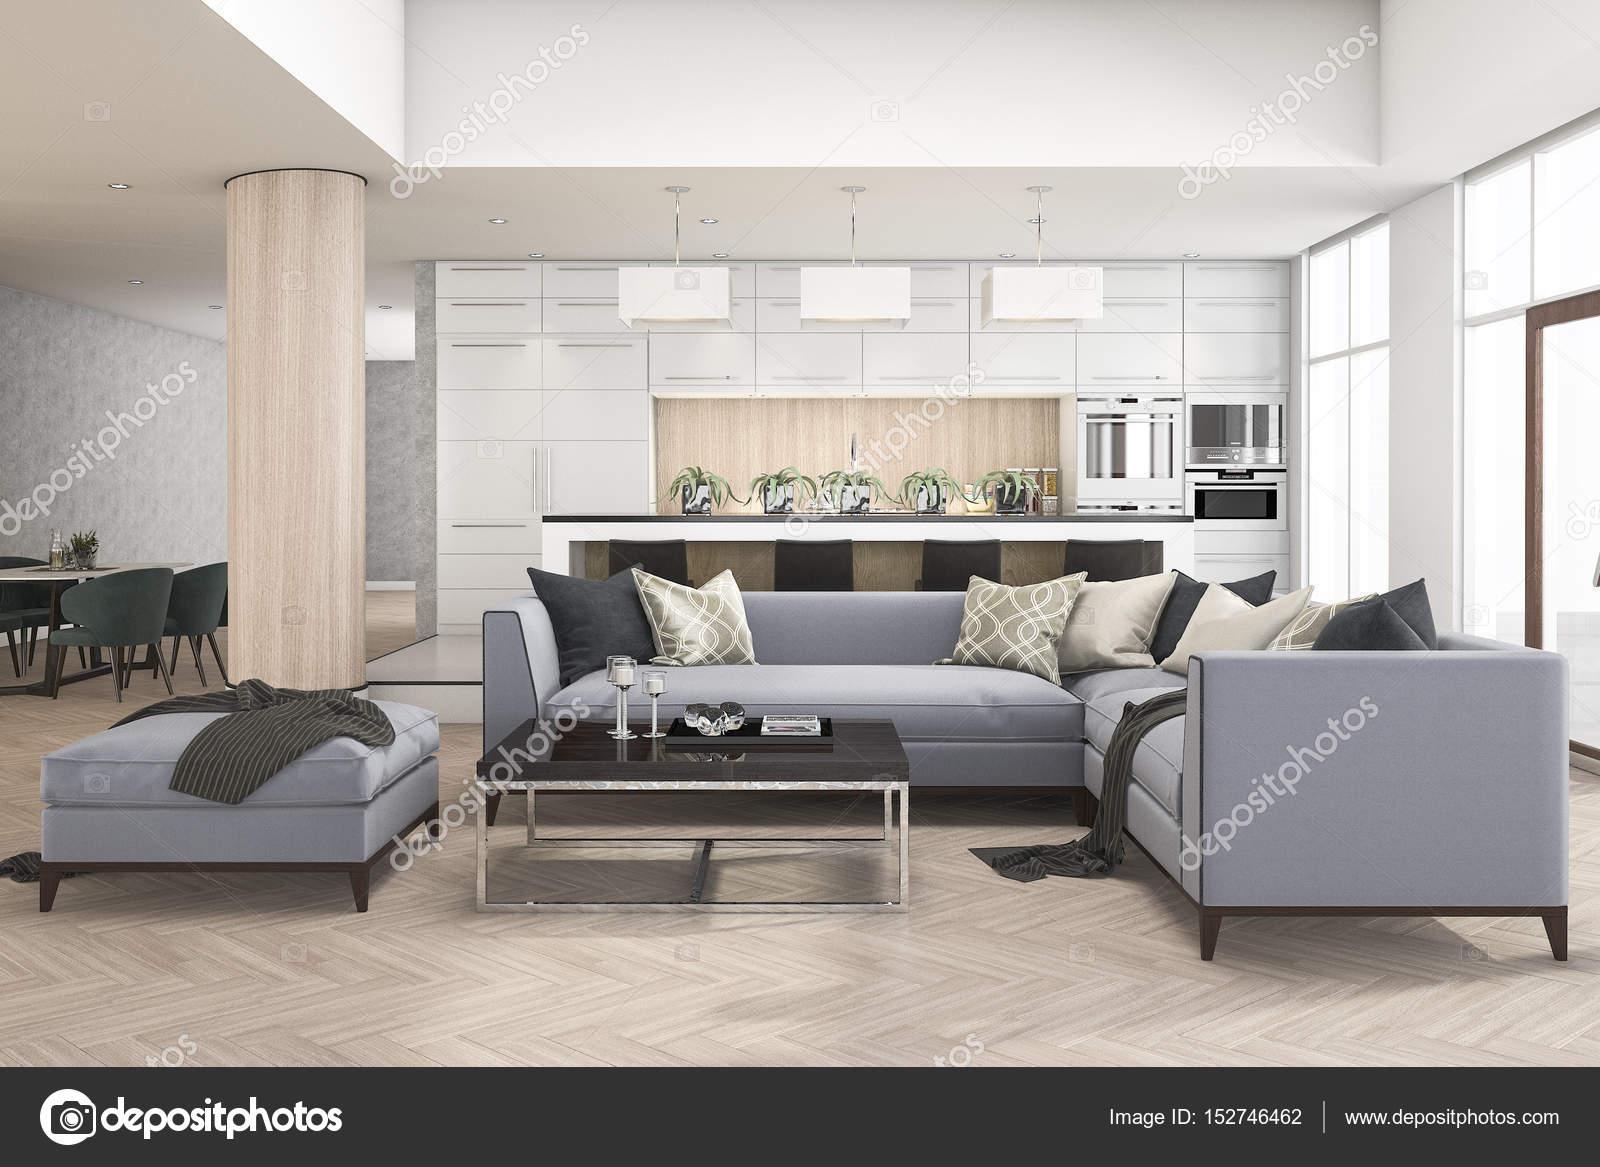 3D Rendering-Reihe von Sofa im Wohnzimmer in der Nähe von Küchenbar ...